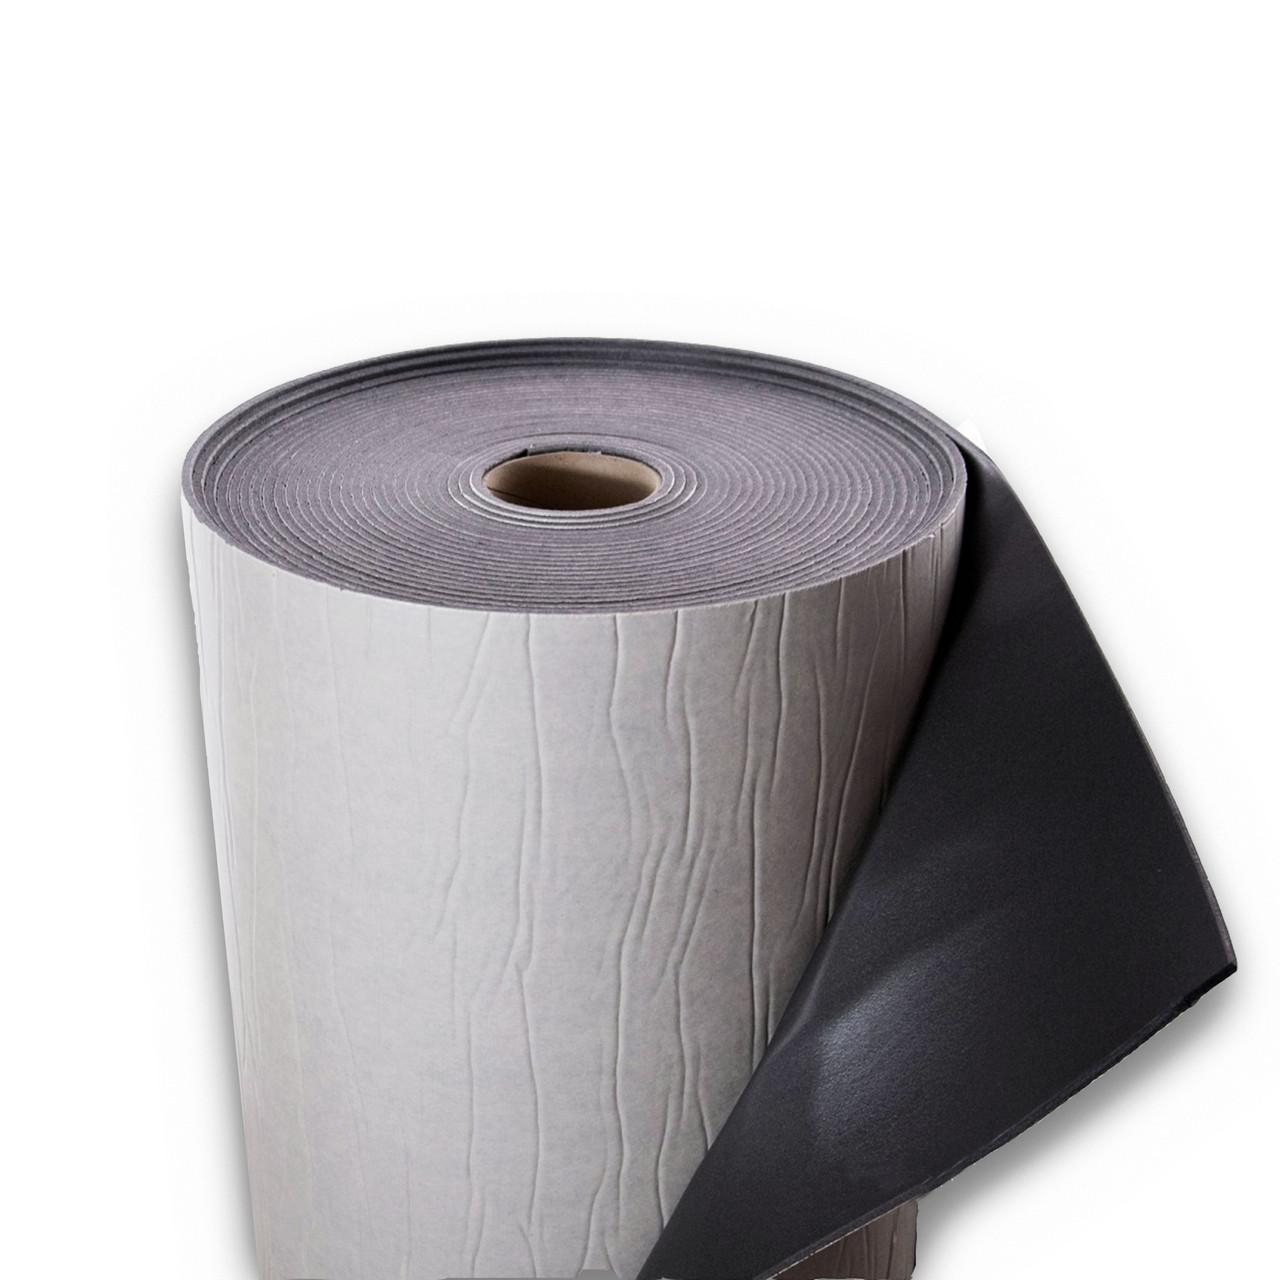 Физически сшитый вспененный полиэтилен самоклеящийся, 4 мм (темно-серый)